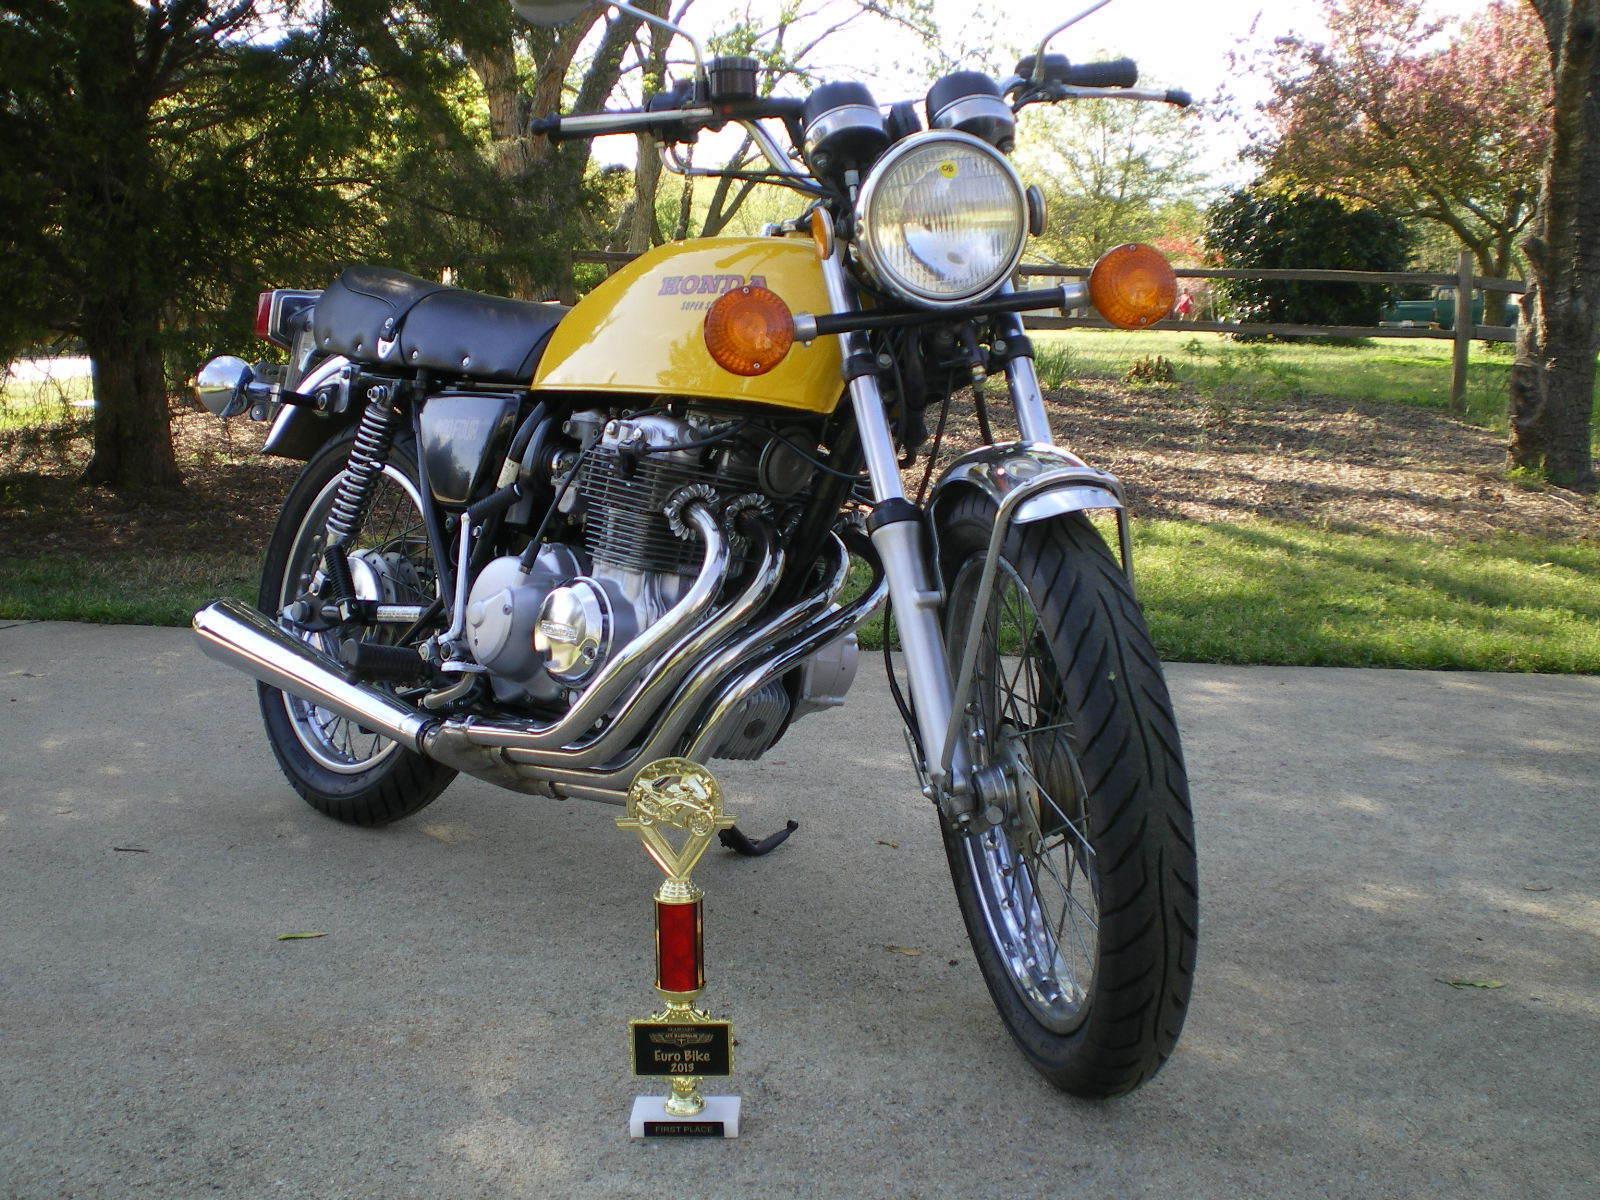 Restored Honda CB400 Four